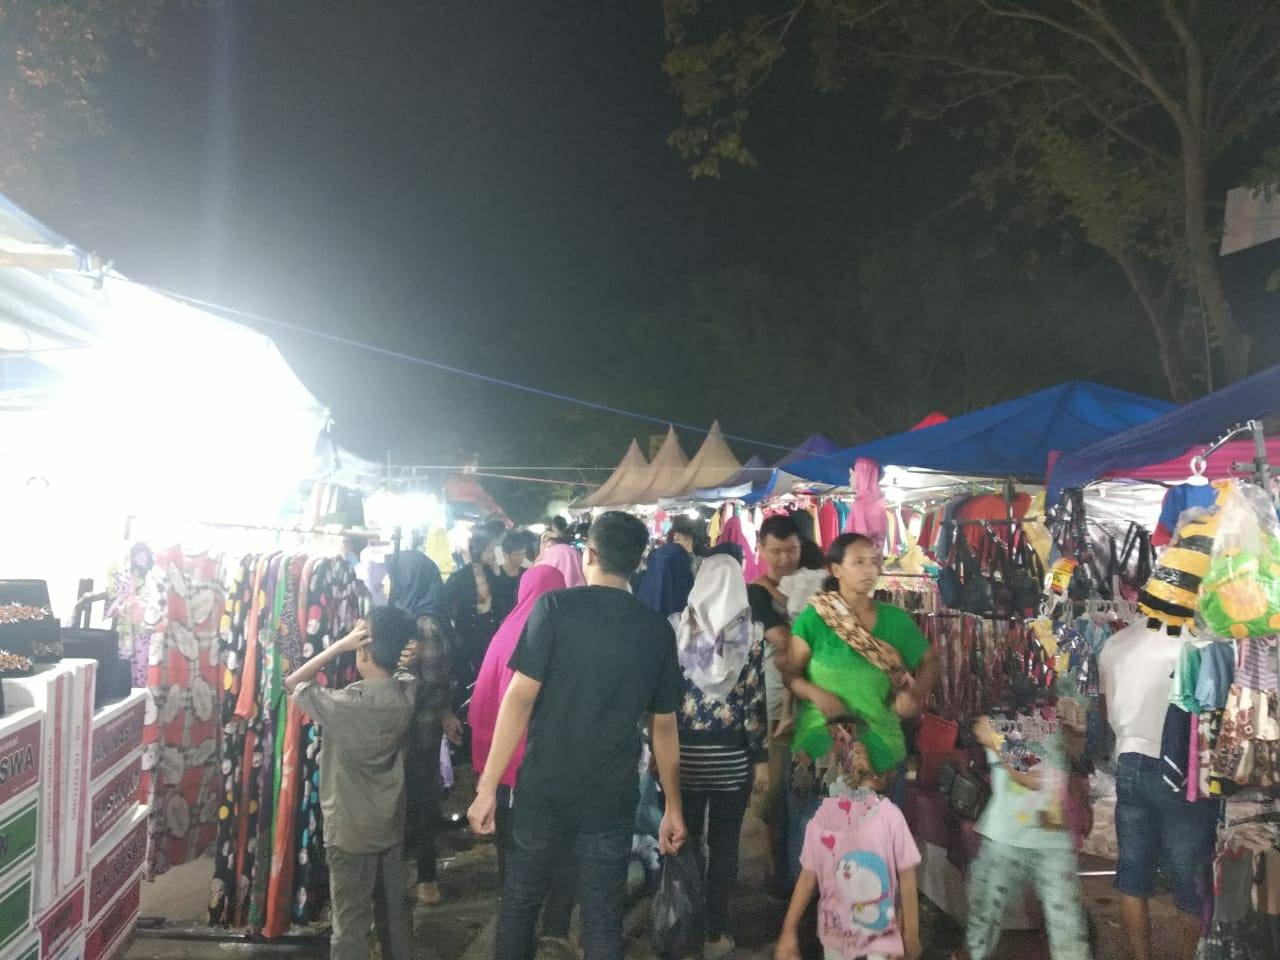 Suasana Pasar Ramadan di Stadion Maulana Yusuf, Senin (3/5). Masyarakat terlihat berlalu lalang mencari pakaian yang akan digunakan saat Lebaran pada Rabu nanti.